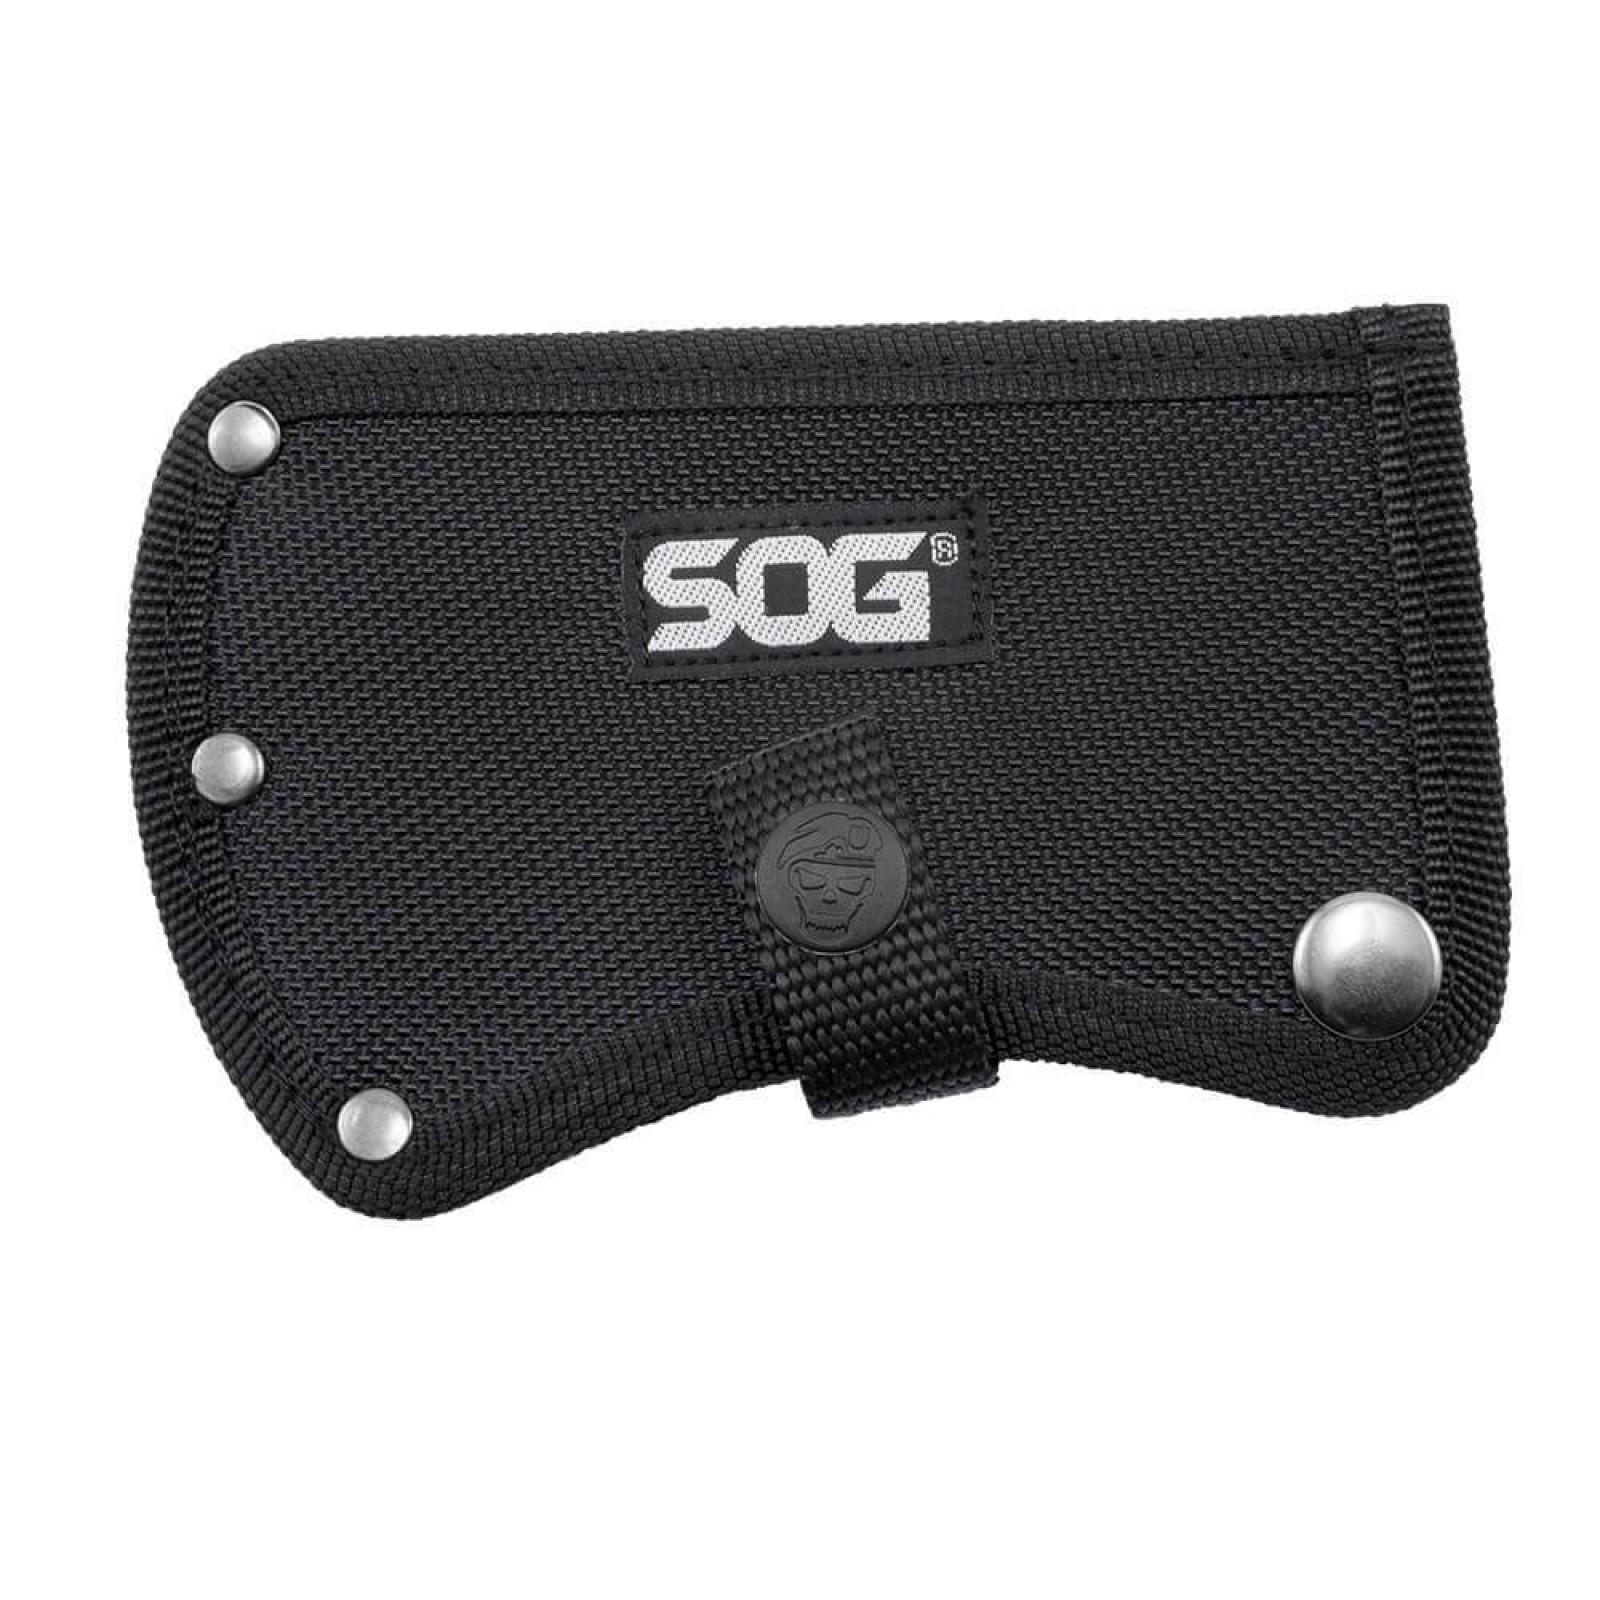 Фото 10 - Топор туристический Hand Axe - SOG F09, сталь 420 Black Oxide, рукоять G10, чёрный